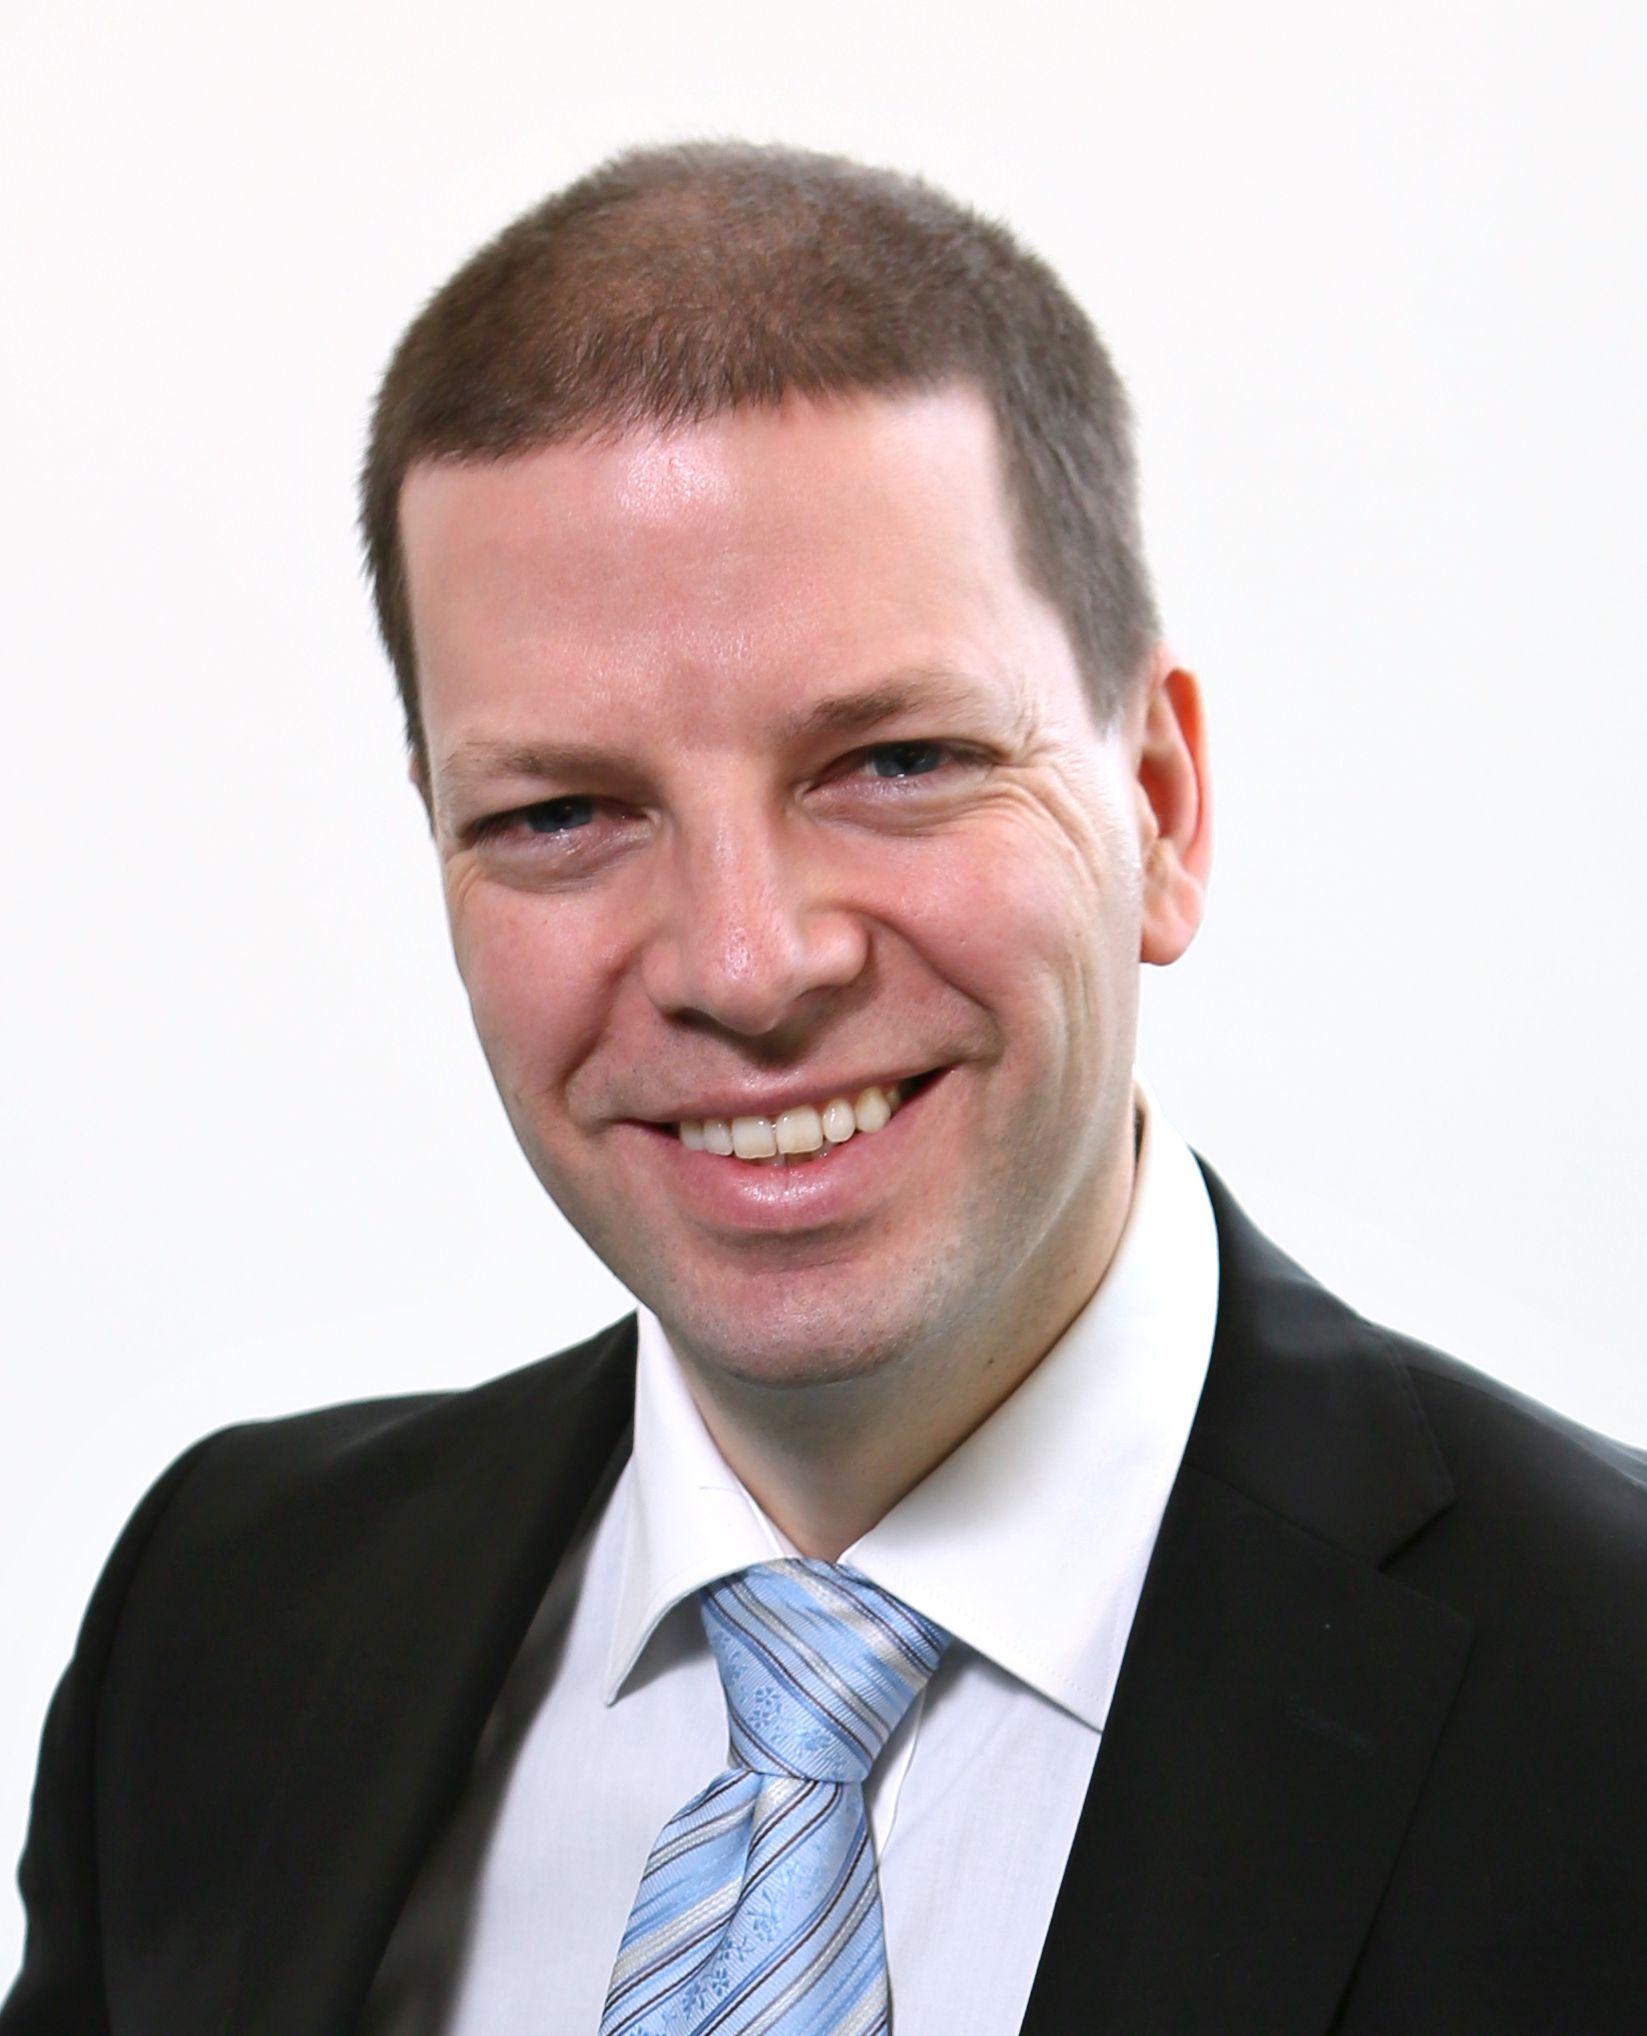 Markus A. Wischy